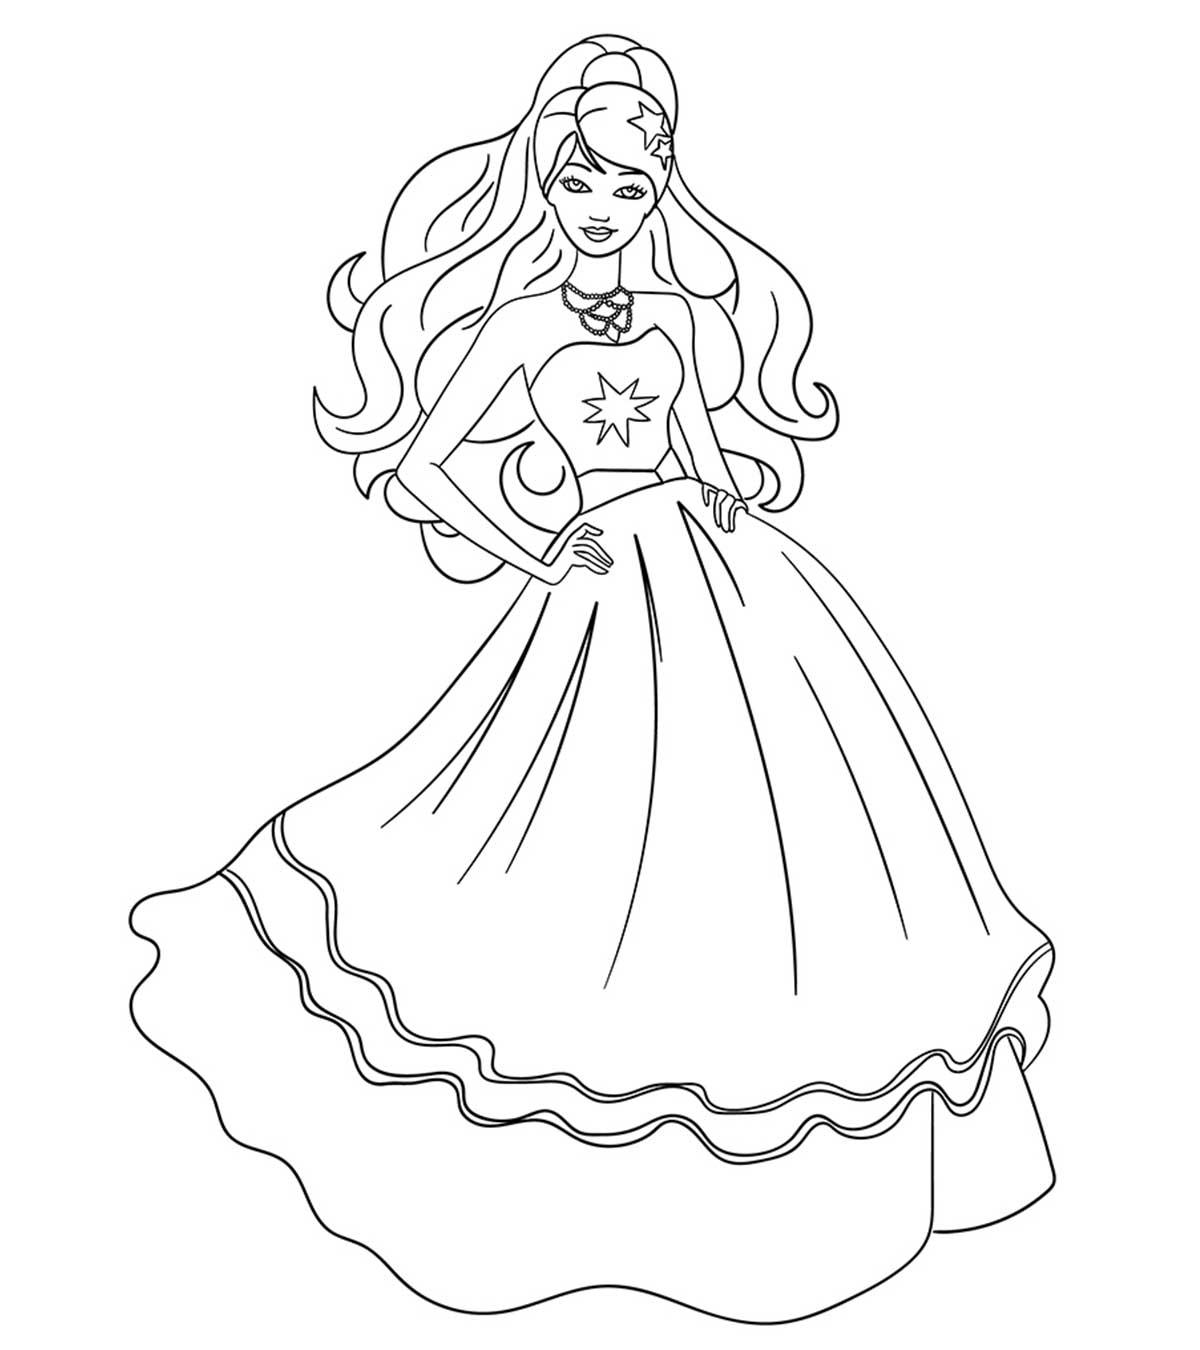 công chúa barbie xinh dẹp mặc váy dạ hội